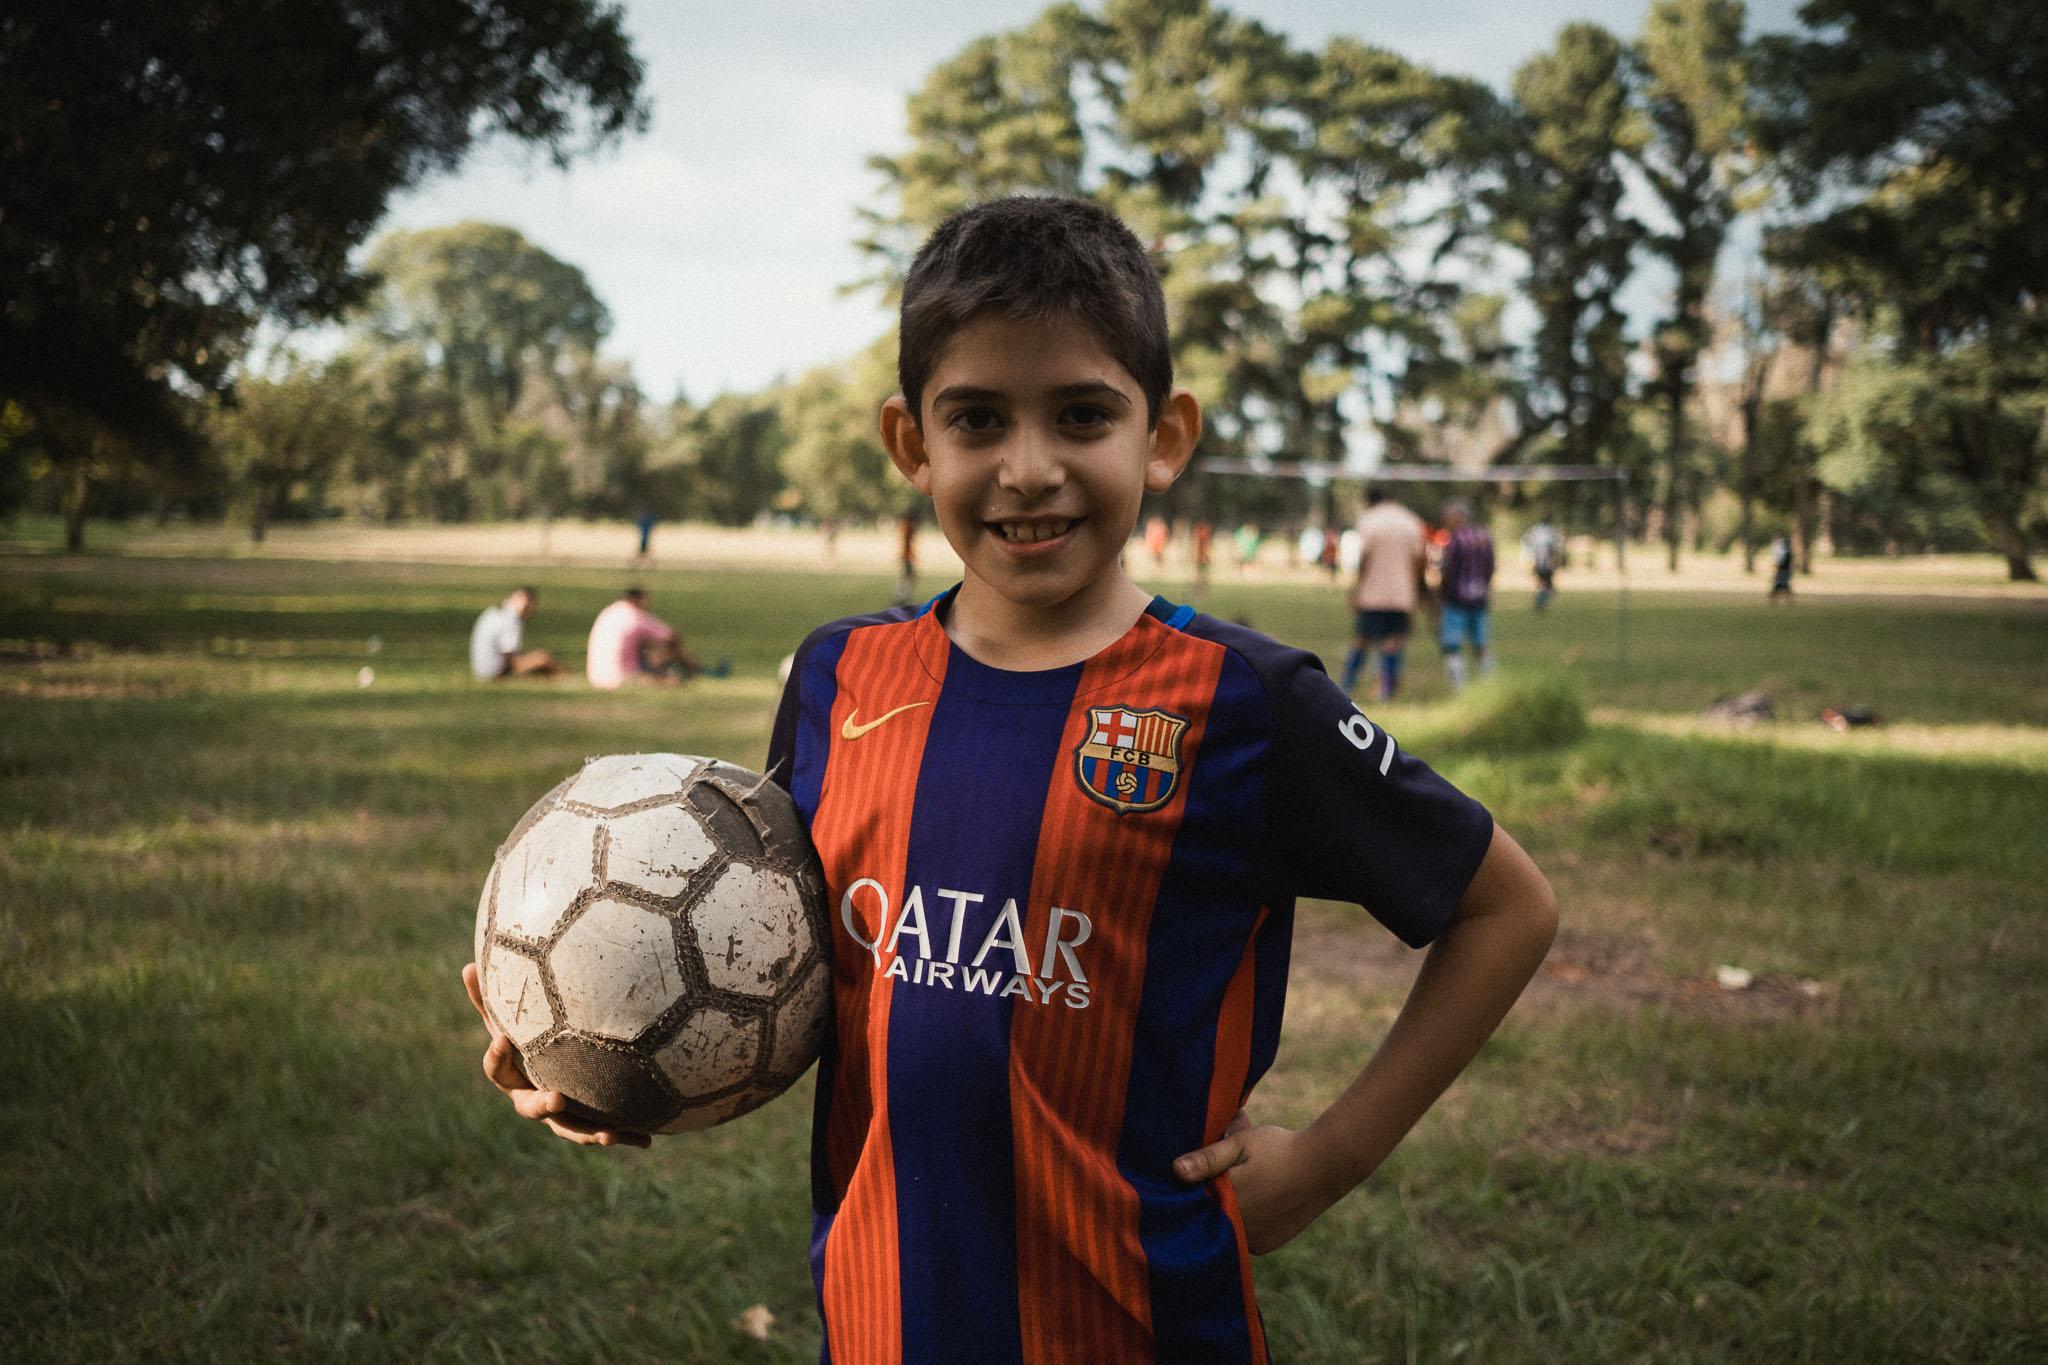 """Im Park 9 de Julio wird in den Abendstunden an jeder Ecke gekickt. """"Wenn ich groß bin, darf ich auch mitspielen."""" sagte mir dieser Junge."""